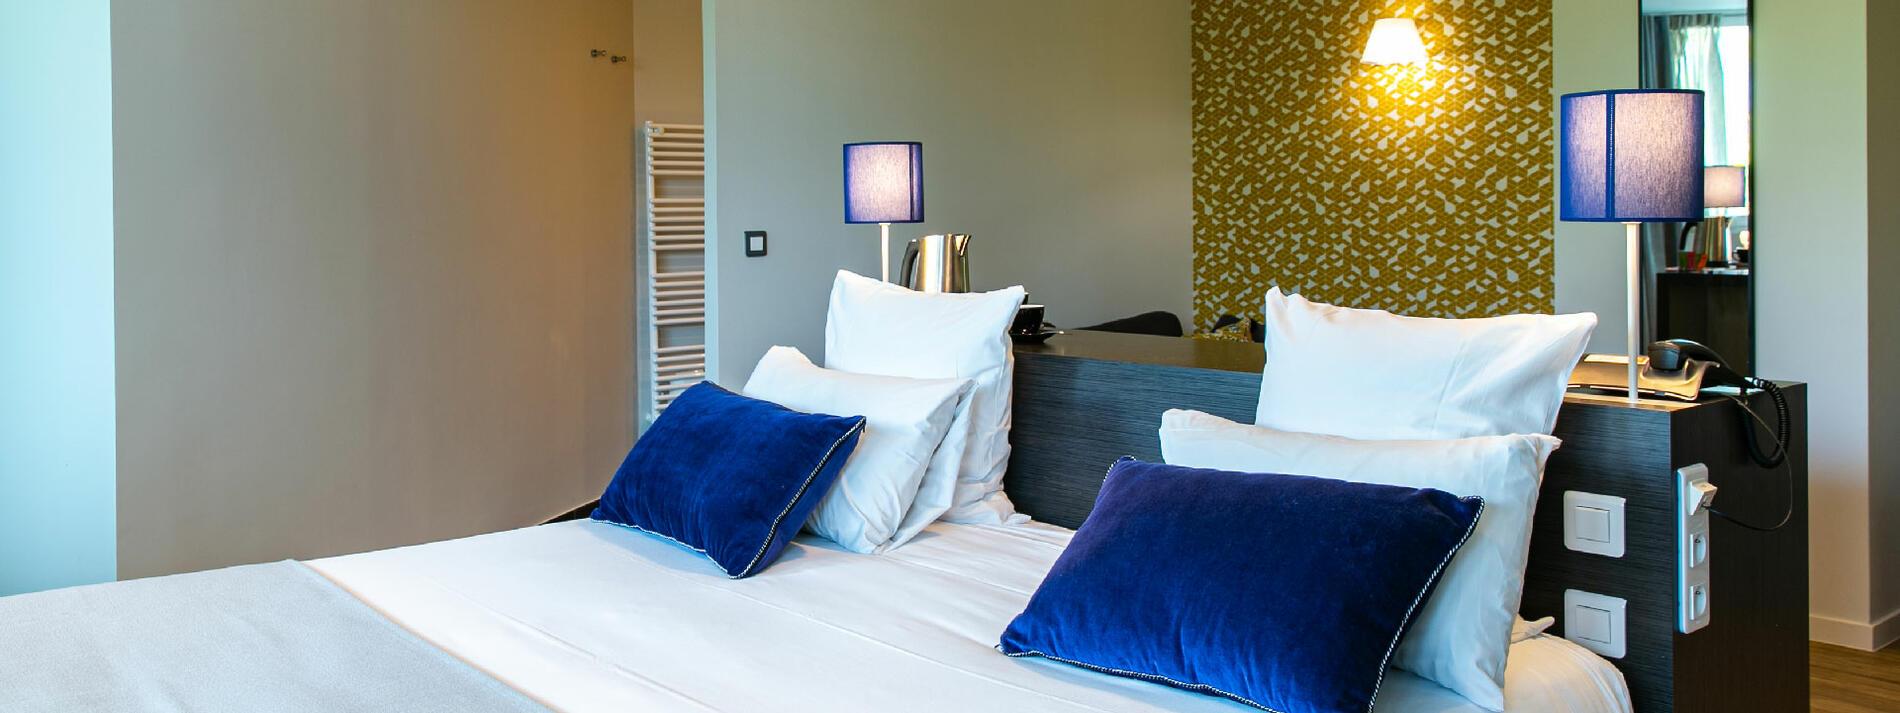 Grand confort literie haut de gamme chambre spacieuse décoration